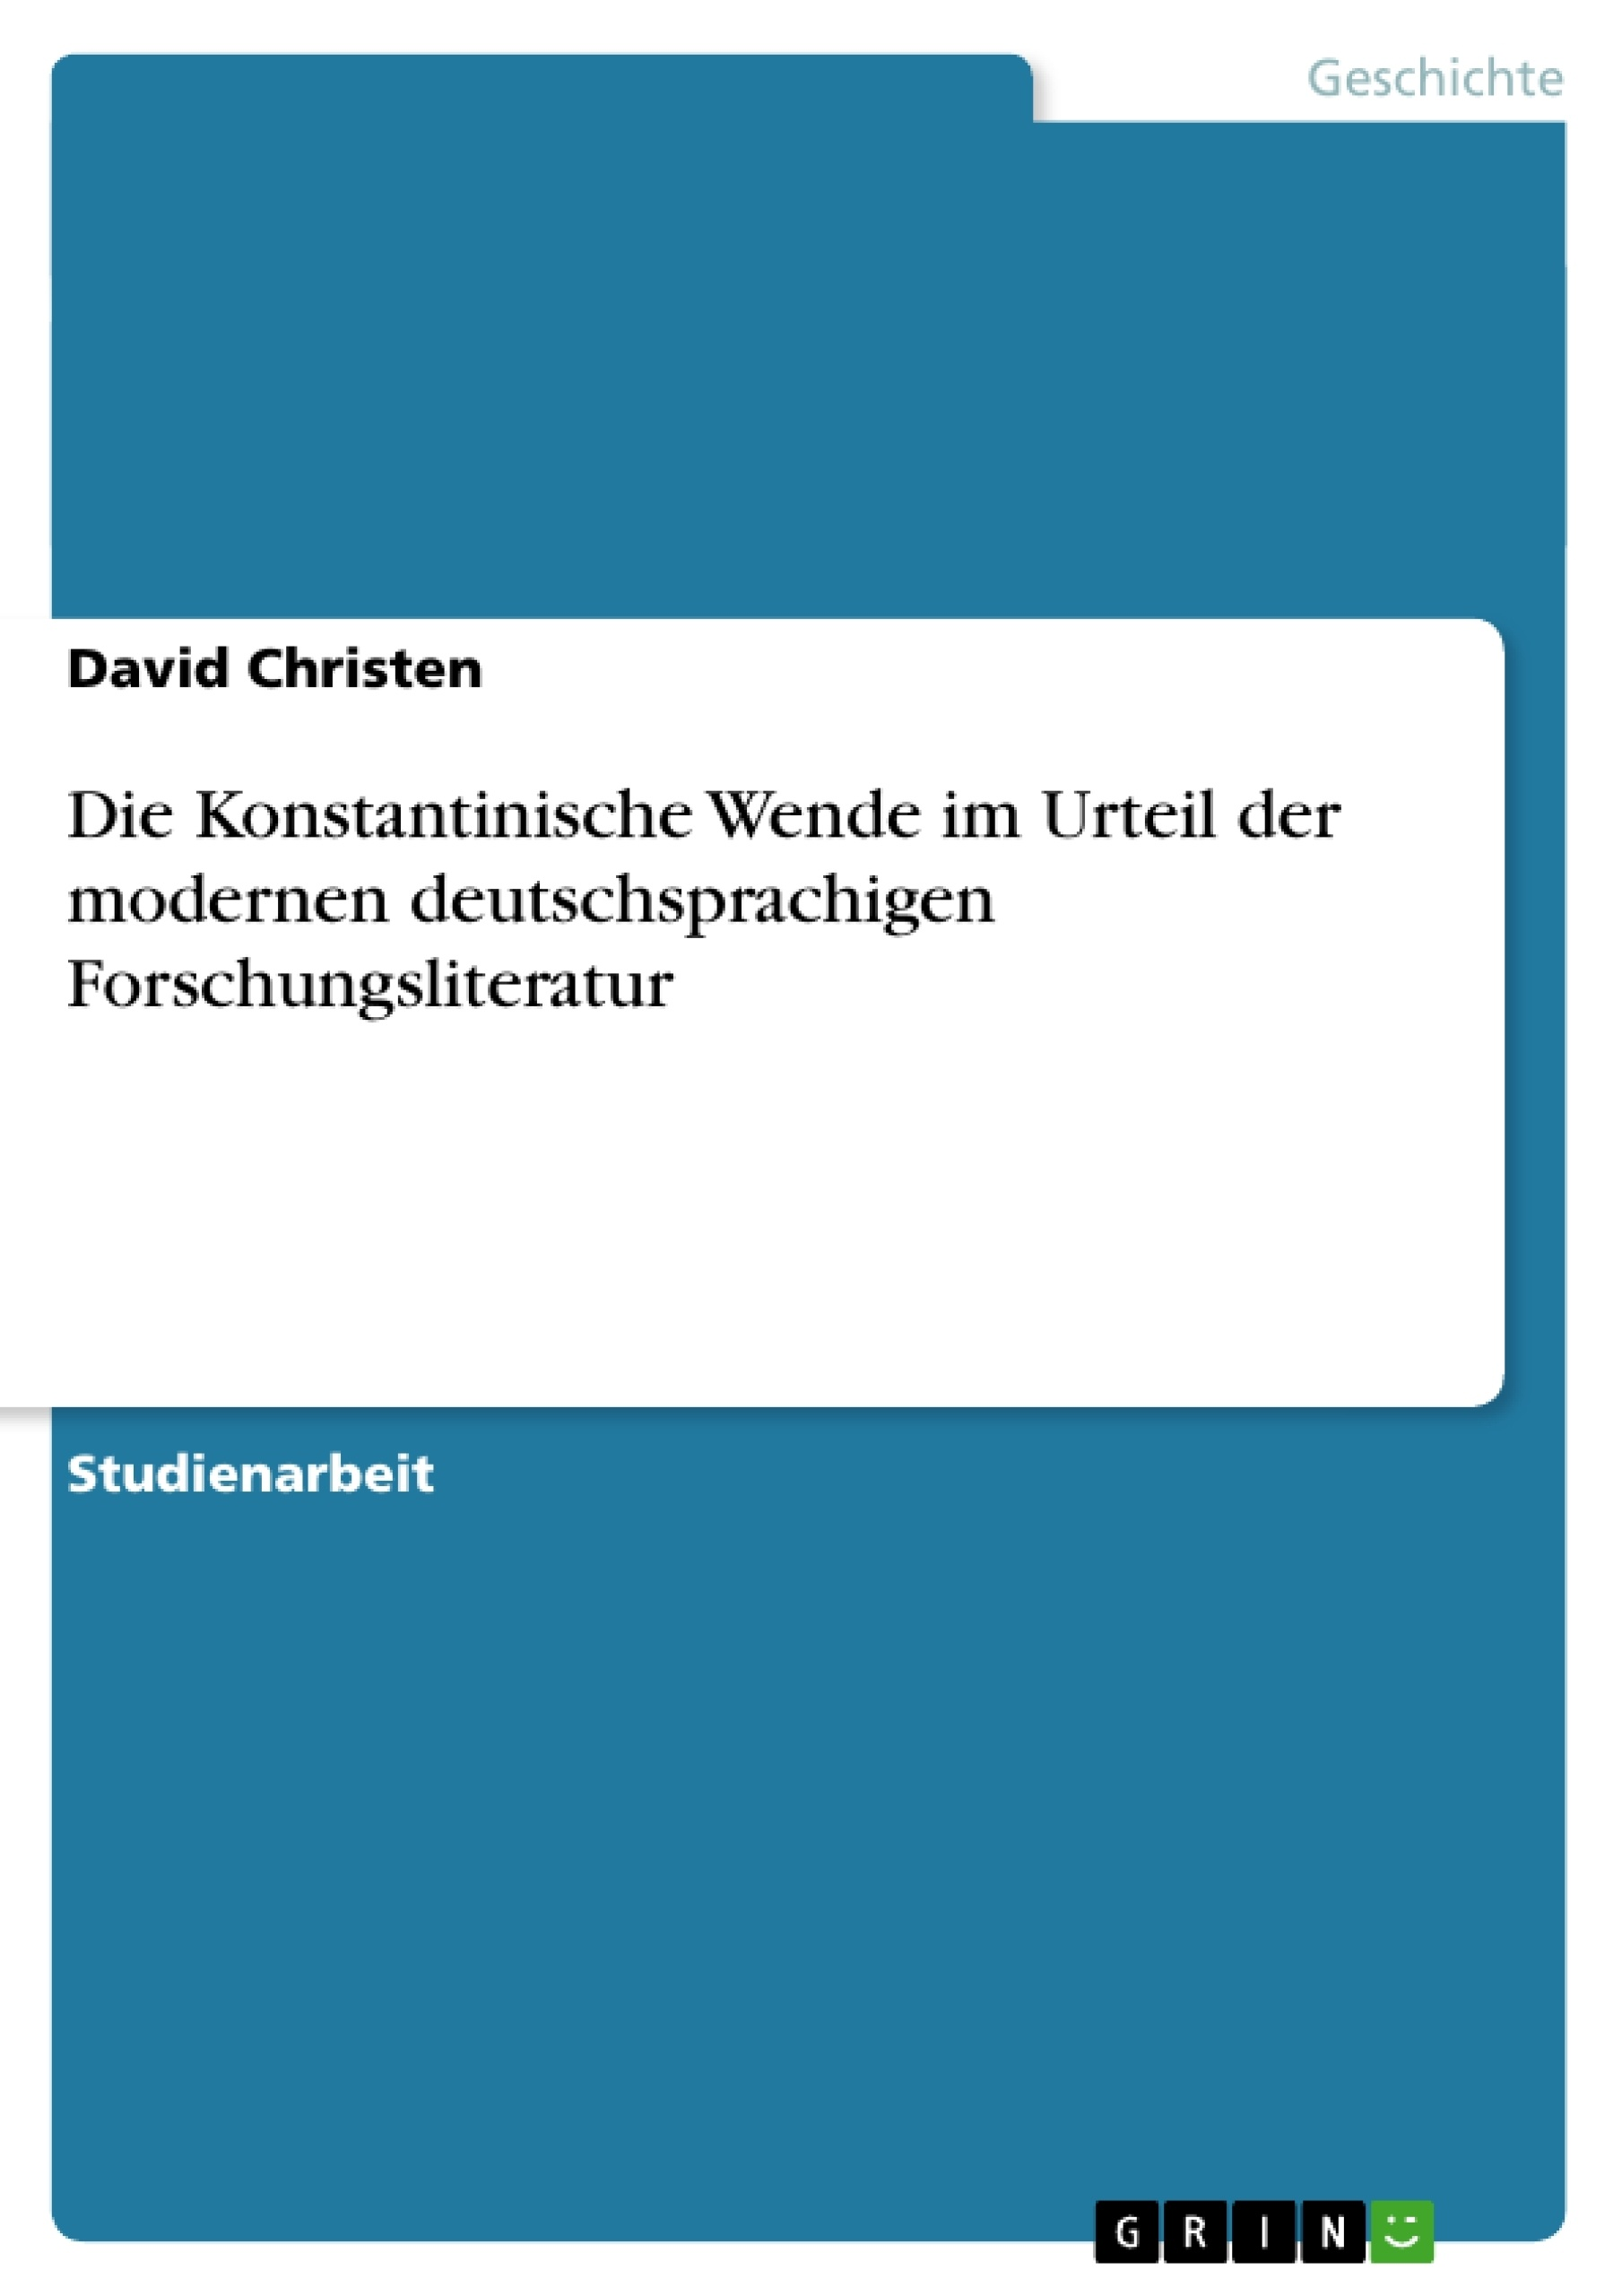 Titel: Die Konstantinische Wende im Urteil der modernen deutschsprachigen Forschungsliteratur